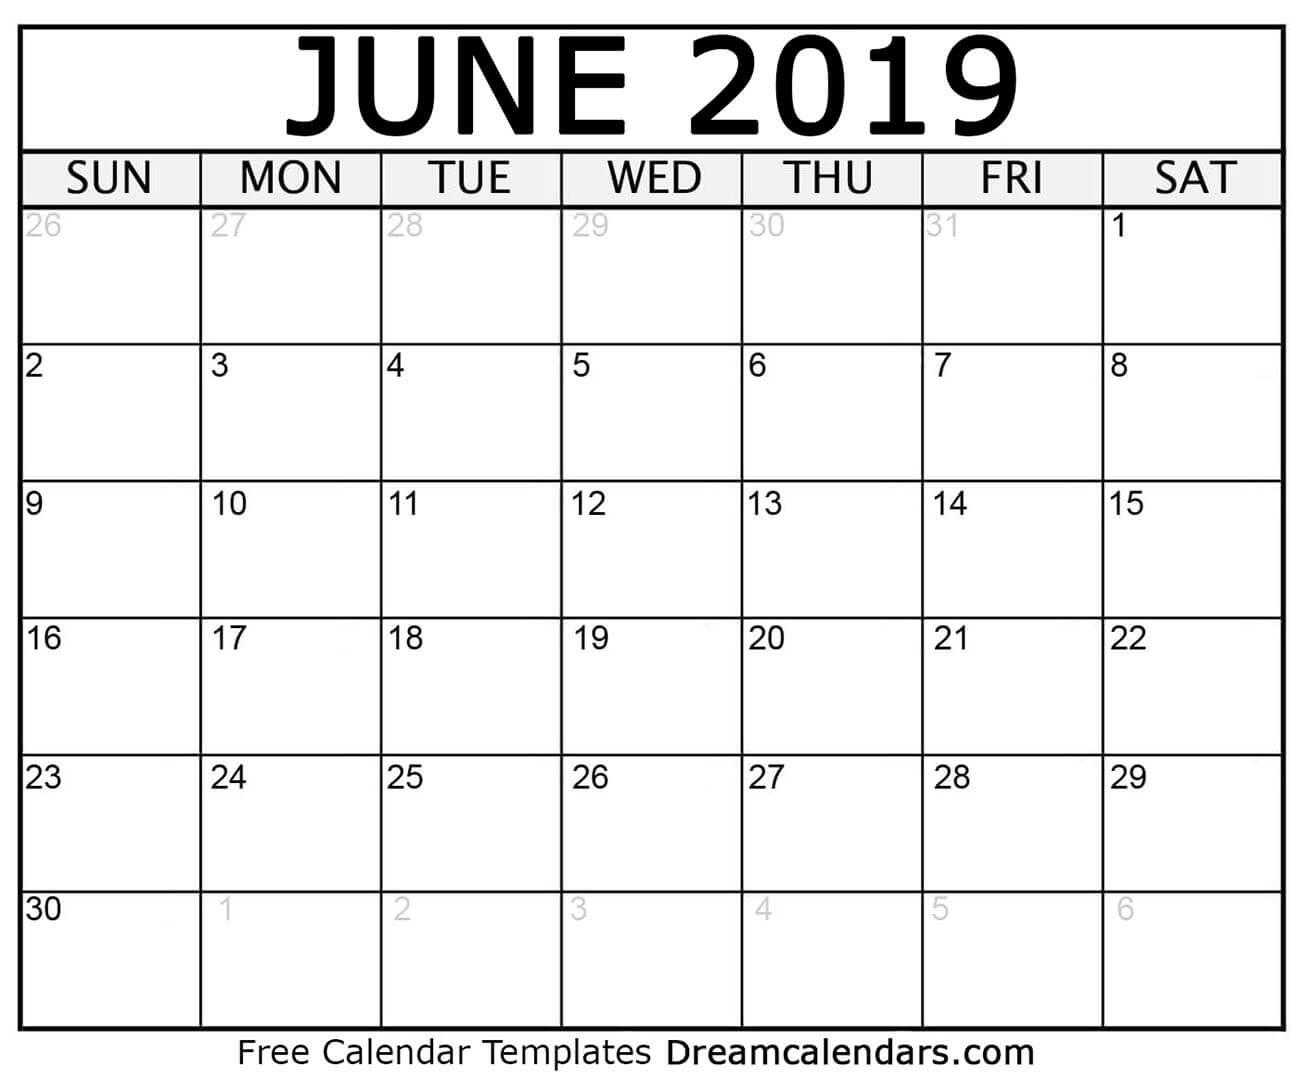 Printable June 2019 Calendar